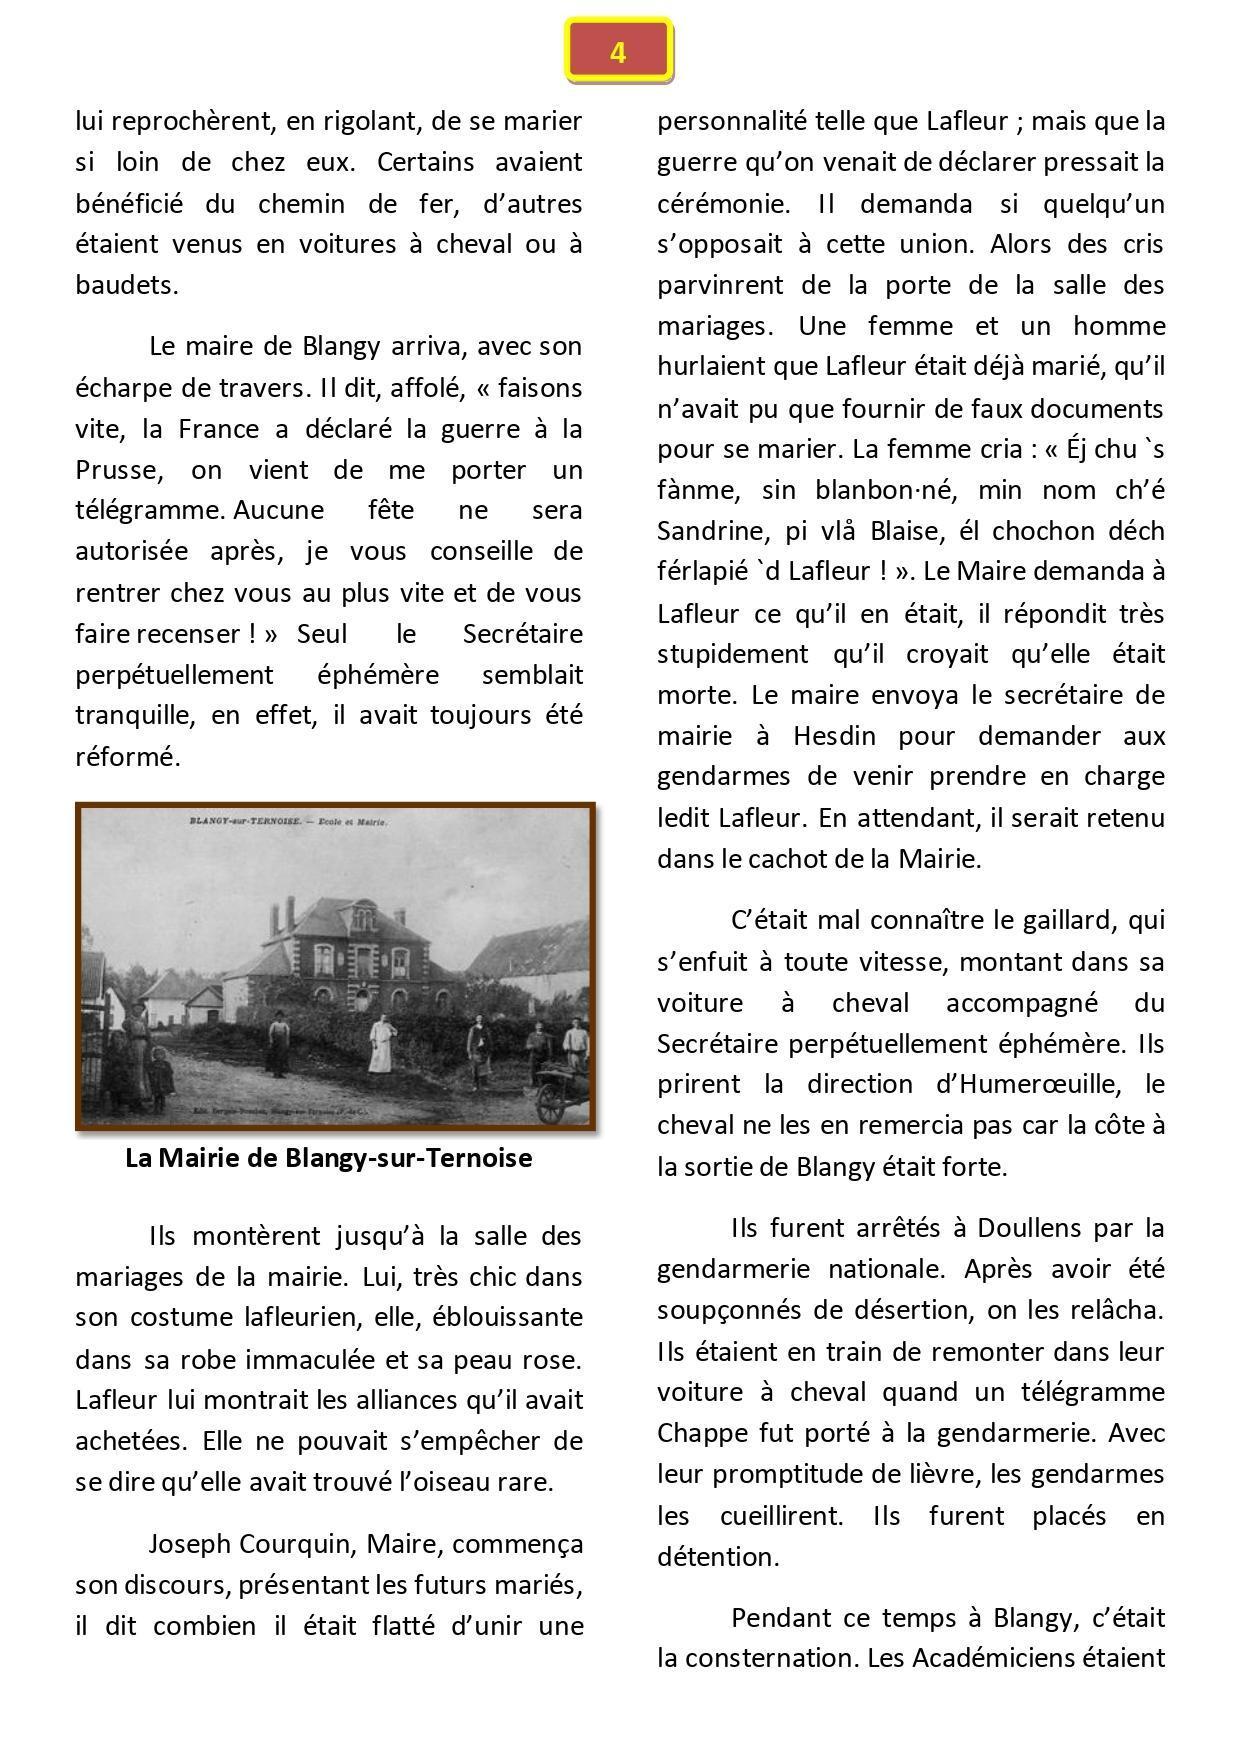 Academie 1870 le mariage du siecle page 0004